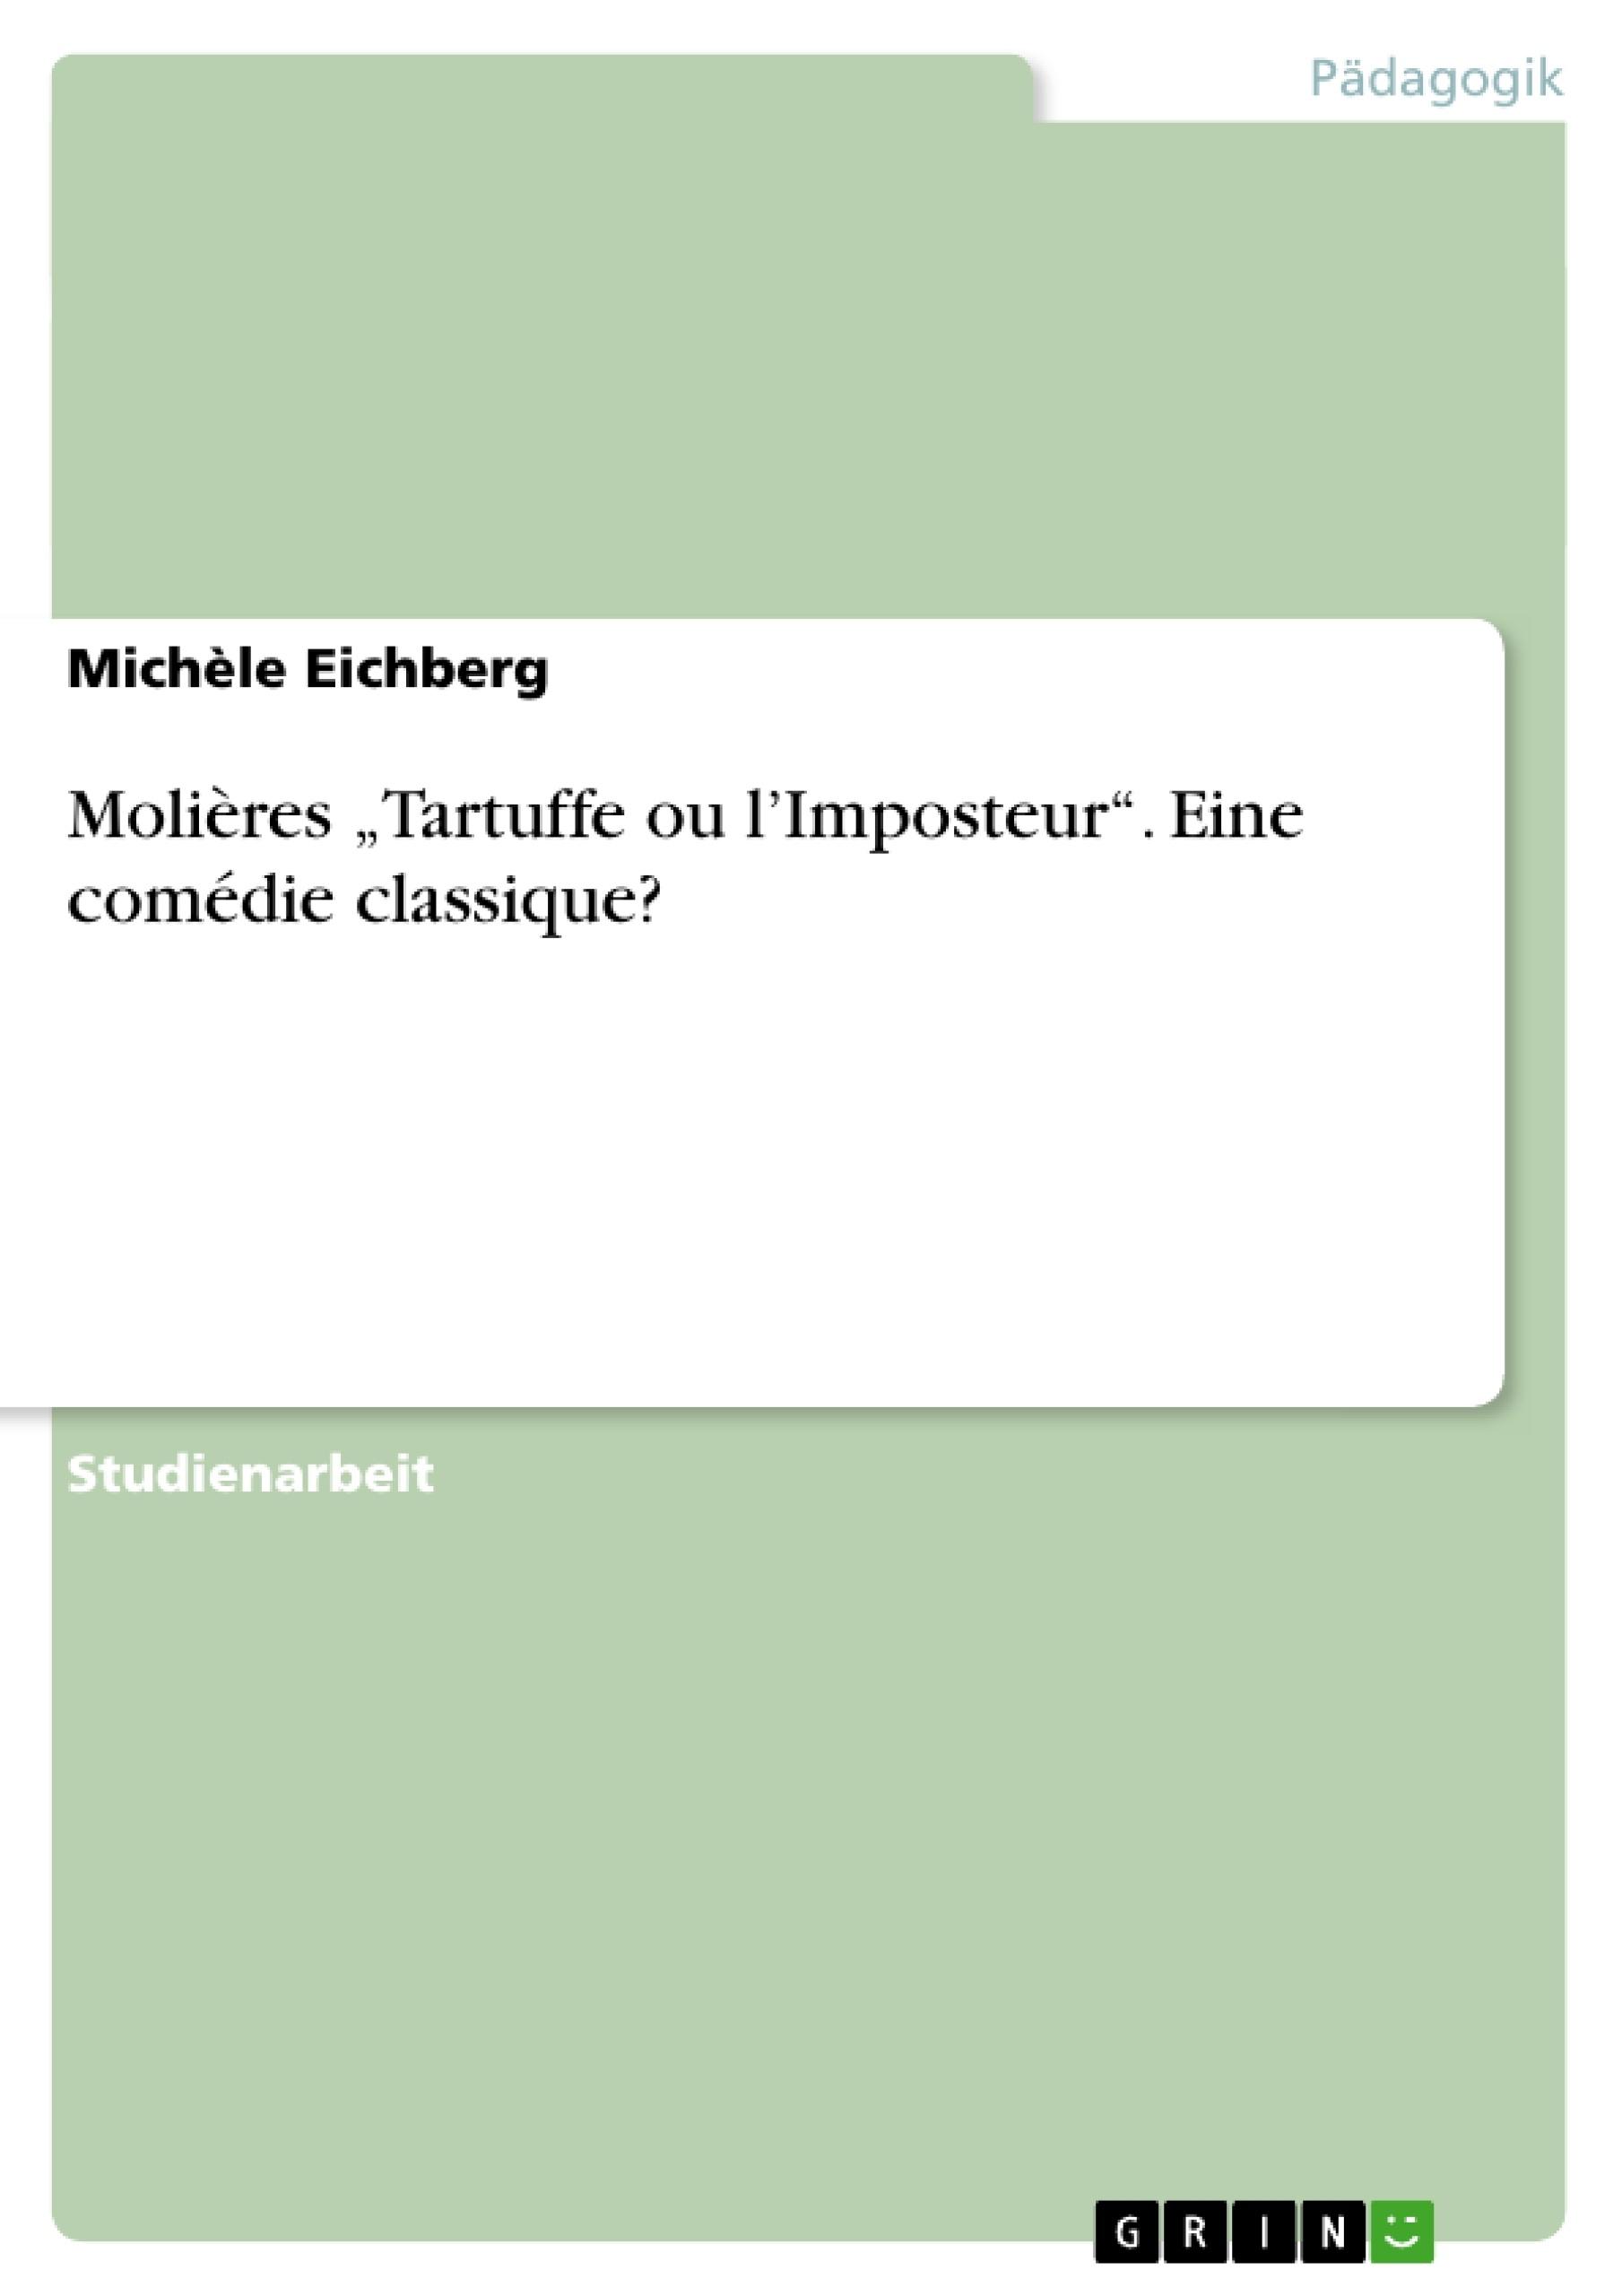 """Titel: Molières """"Tartuffe ou l'Imposteur"""". Eine comédie classique?"""